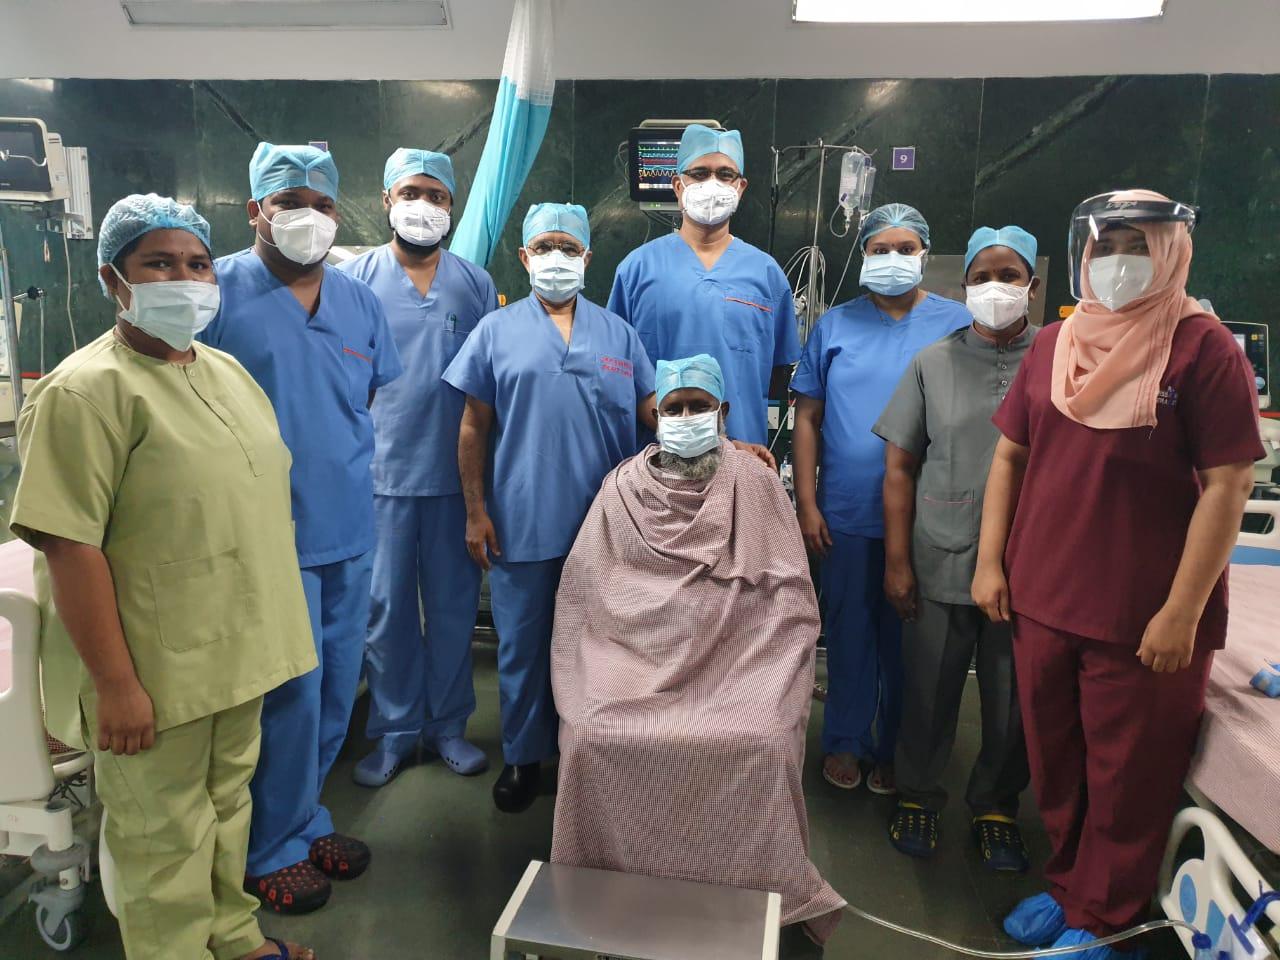 देश में पहला मामला: कोरोना से ठीक हुए मरीज की सफल कोरोनरी बाईपास सर्जरी